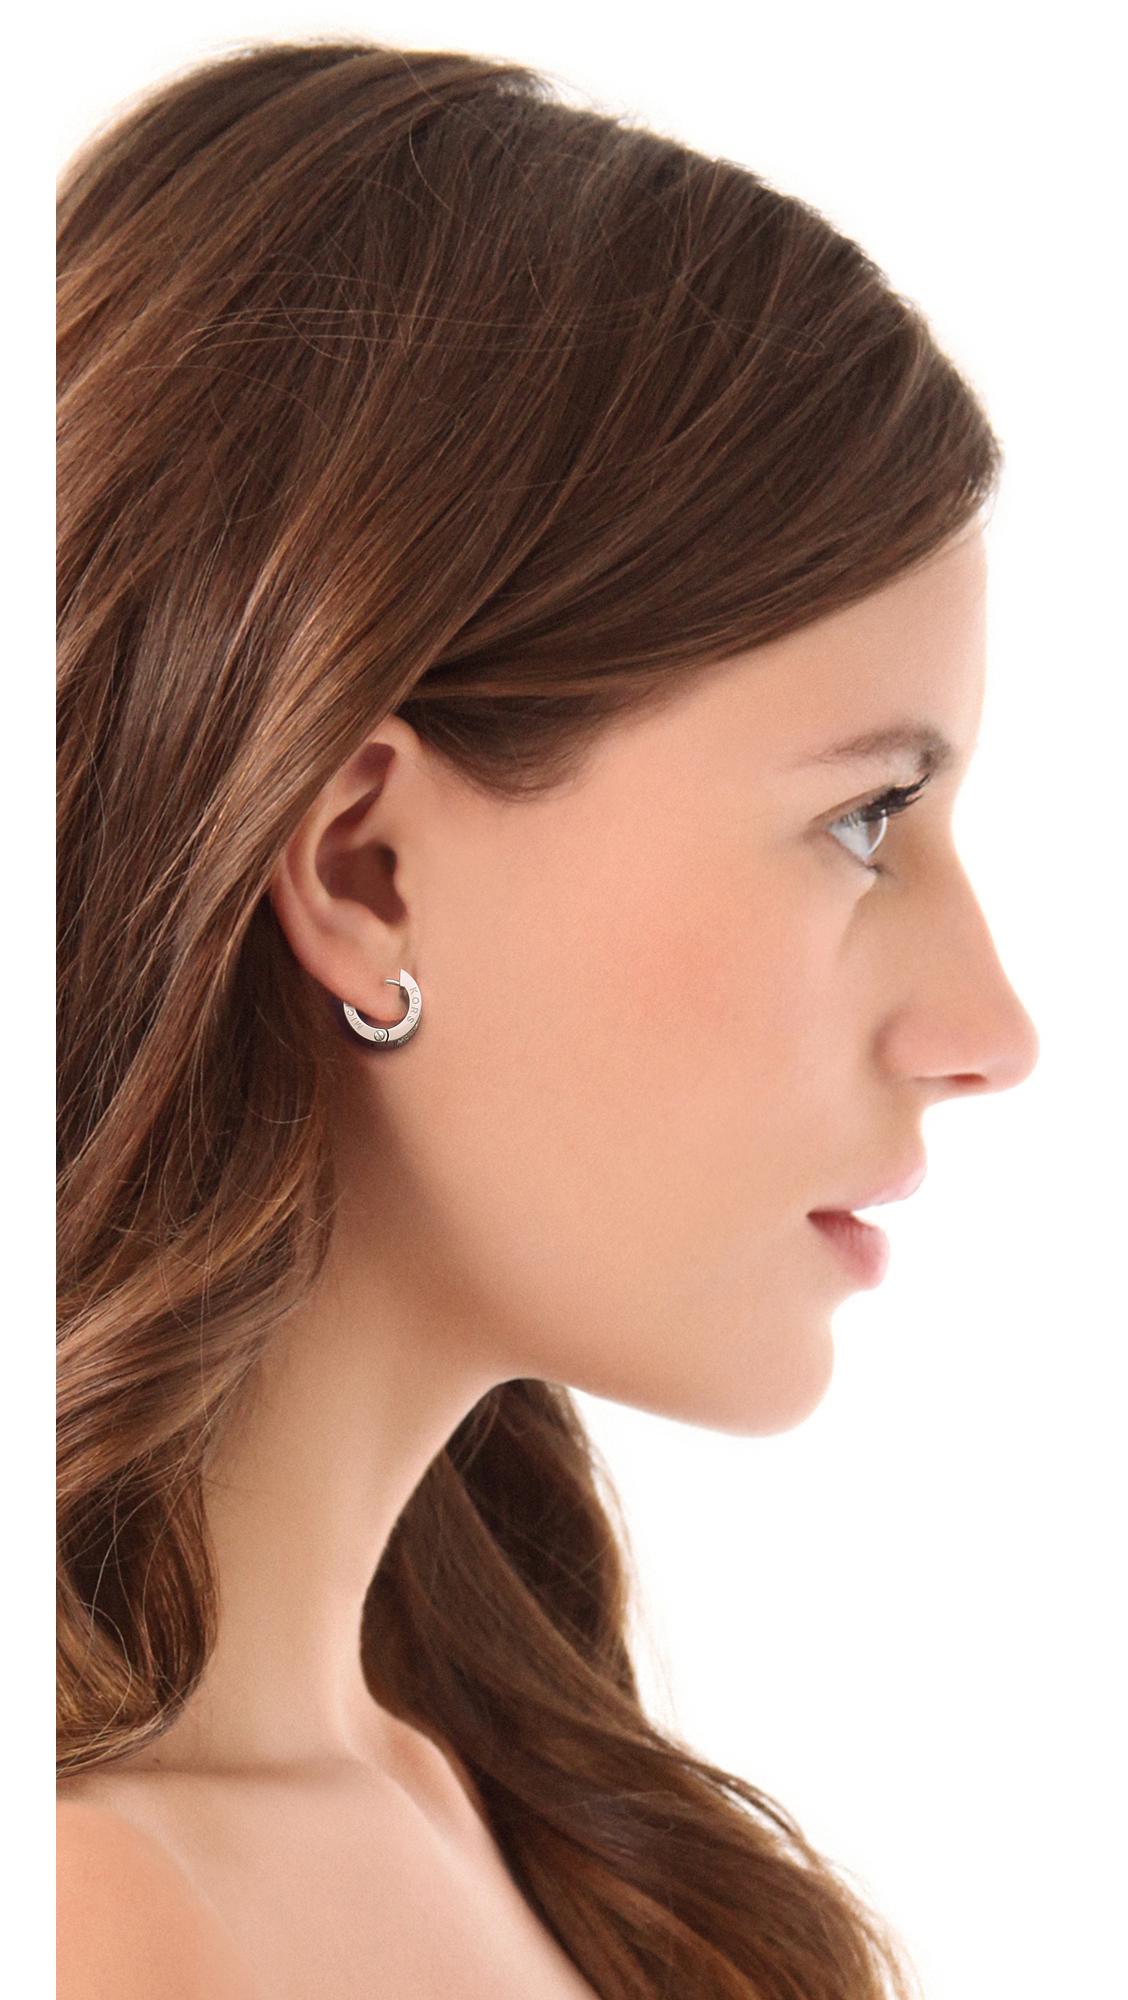 Michael Kors Metallic Pave Huggie Earrings